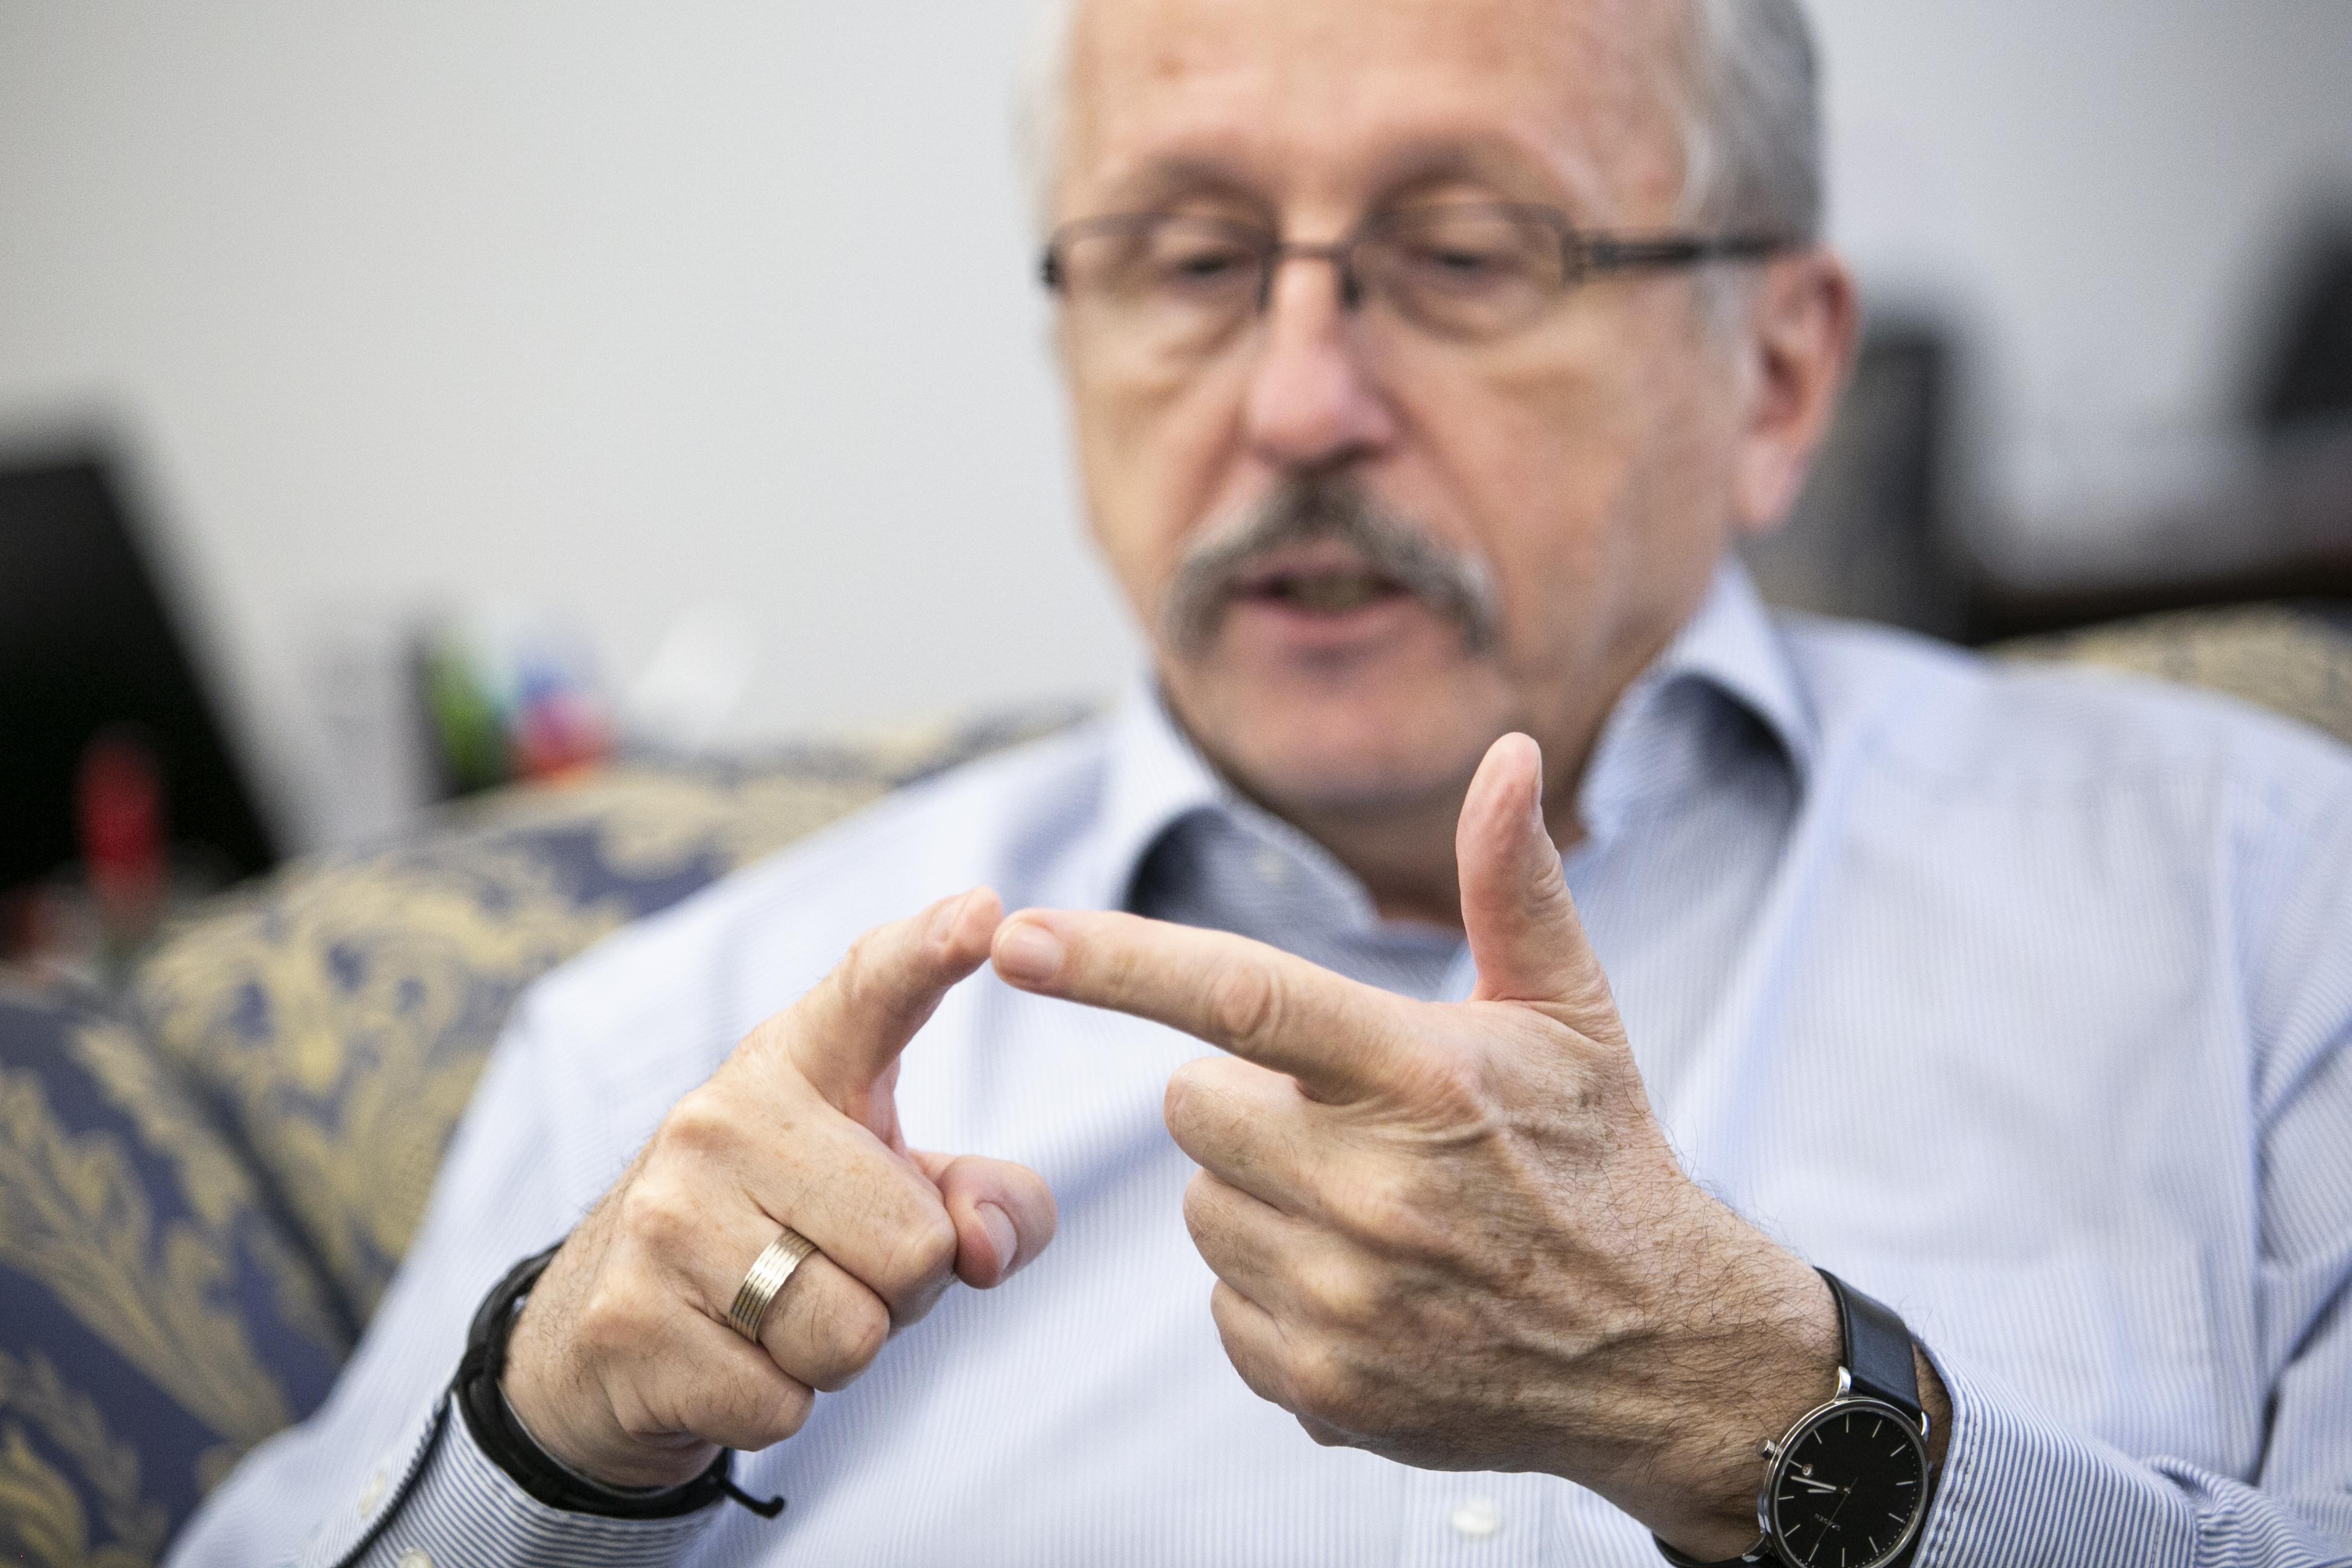 Niedermüller 484 ezer forintot kért a kerületi cégek átvilágítási jelentéseiért az Átlátszótól